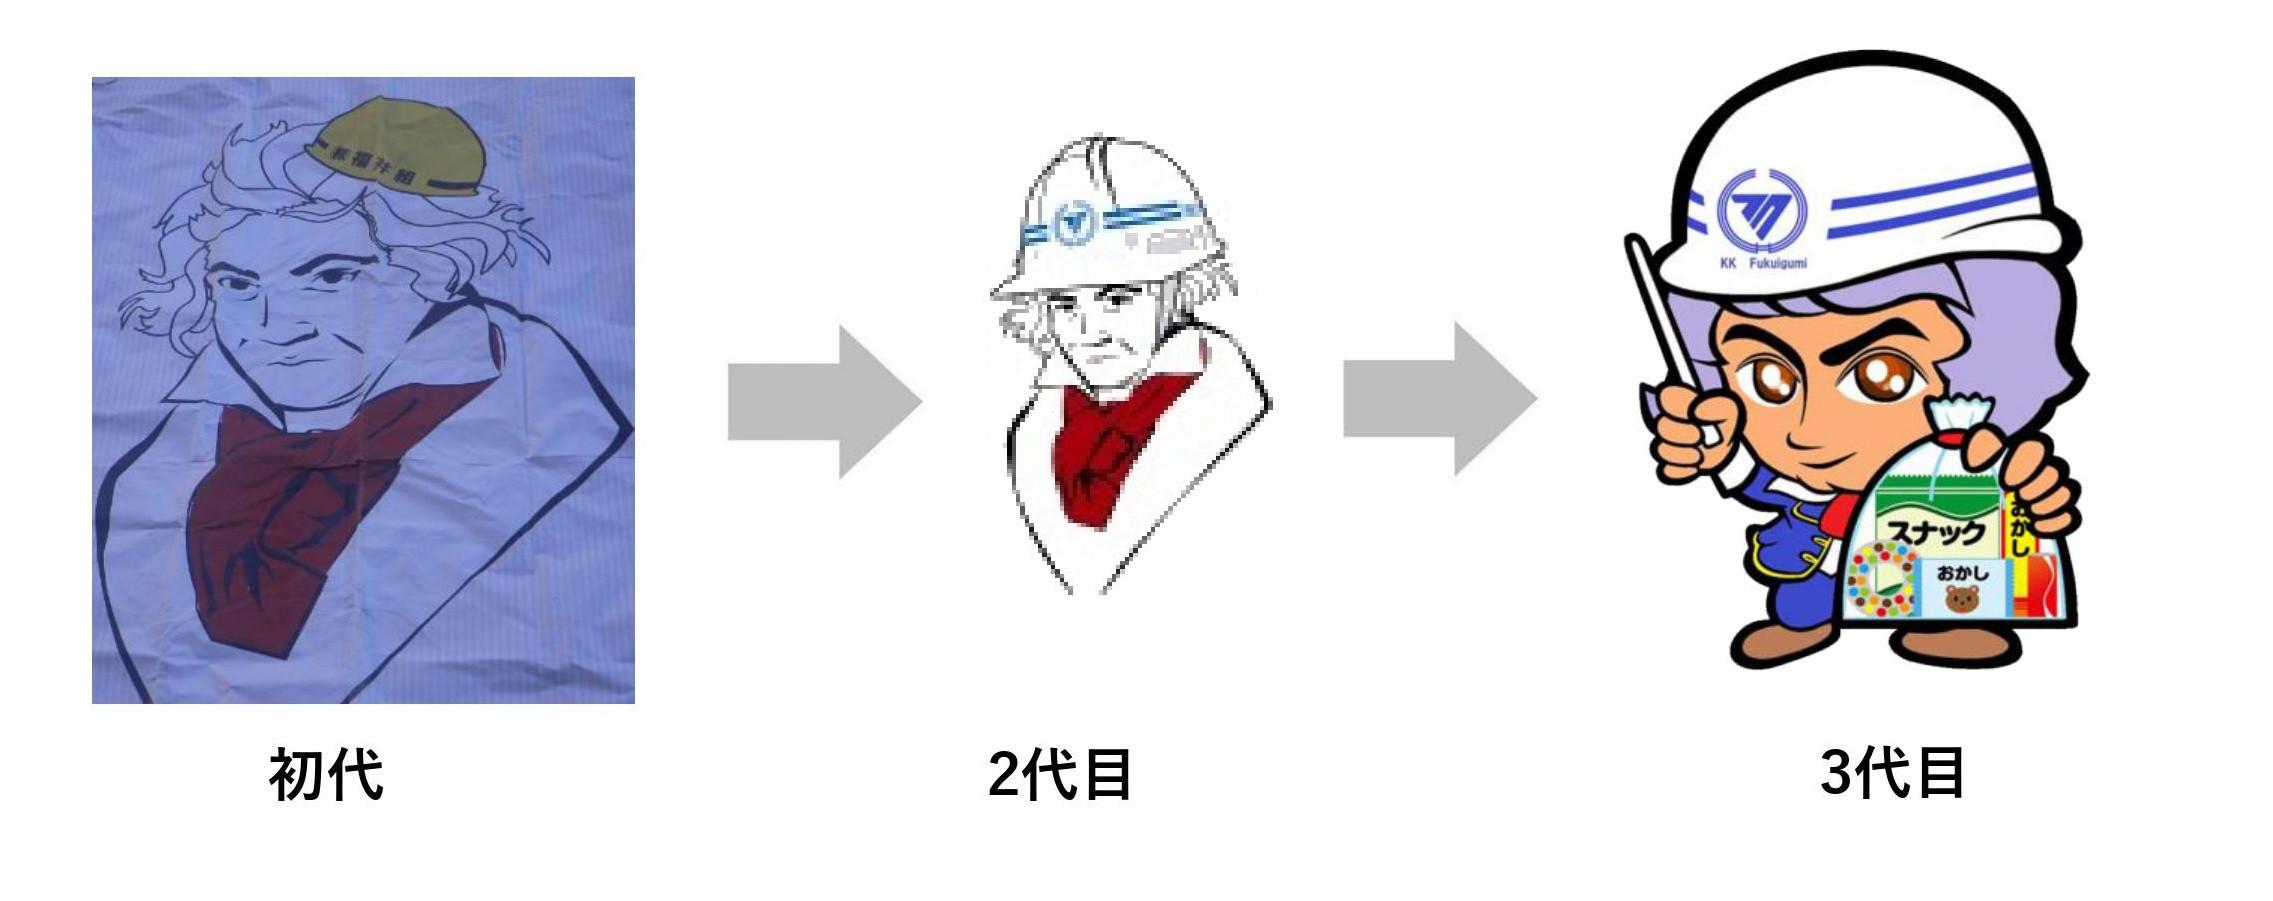 べんちゃんの歴史 最新.jpg